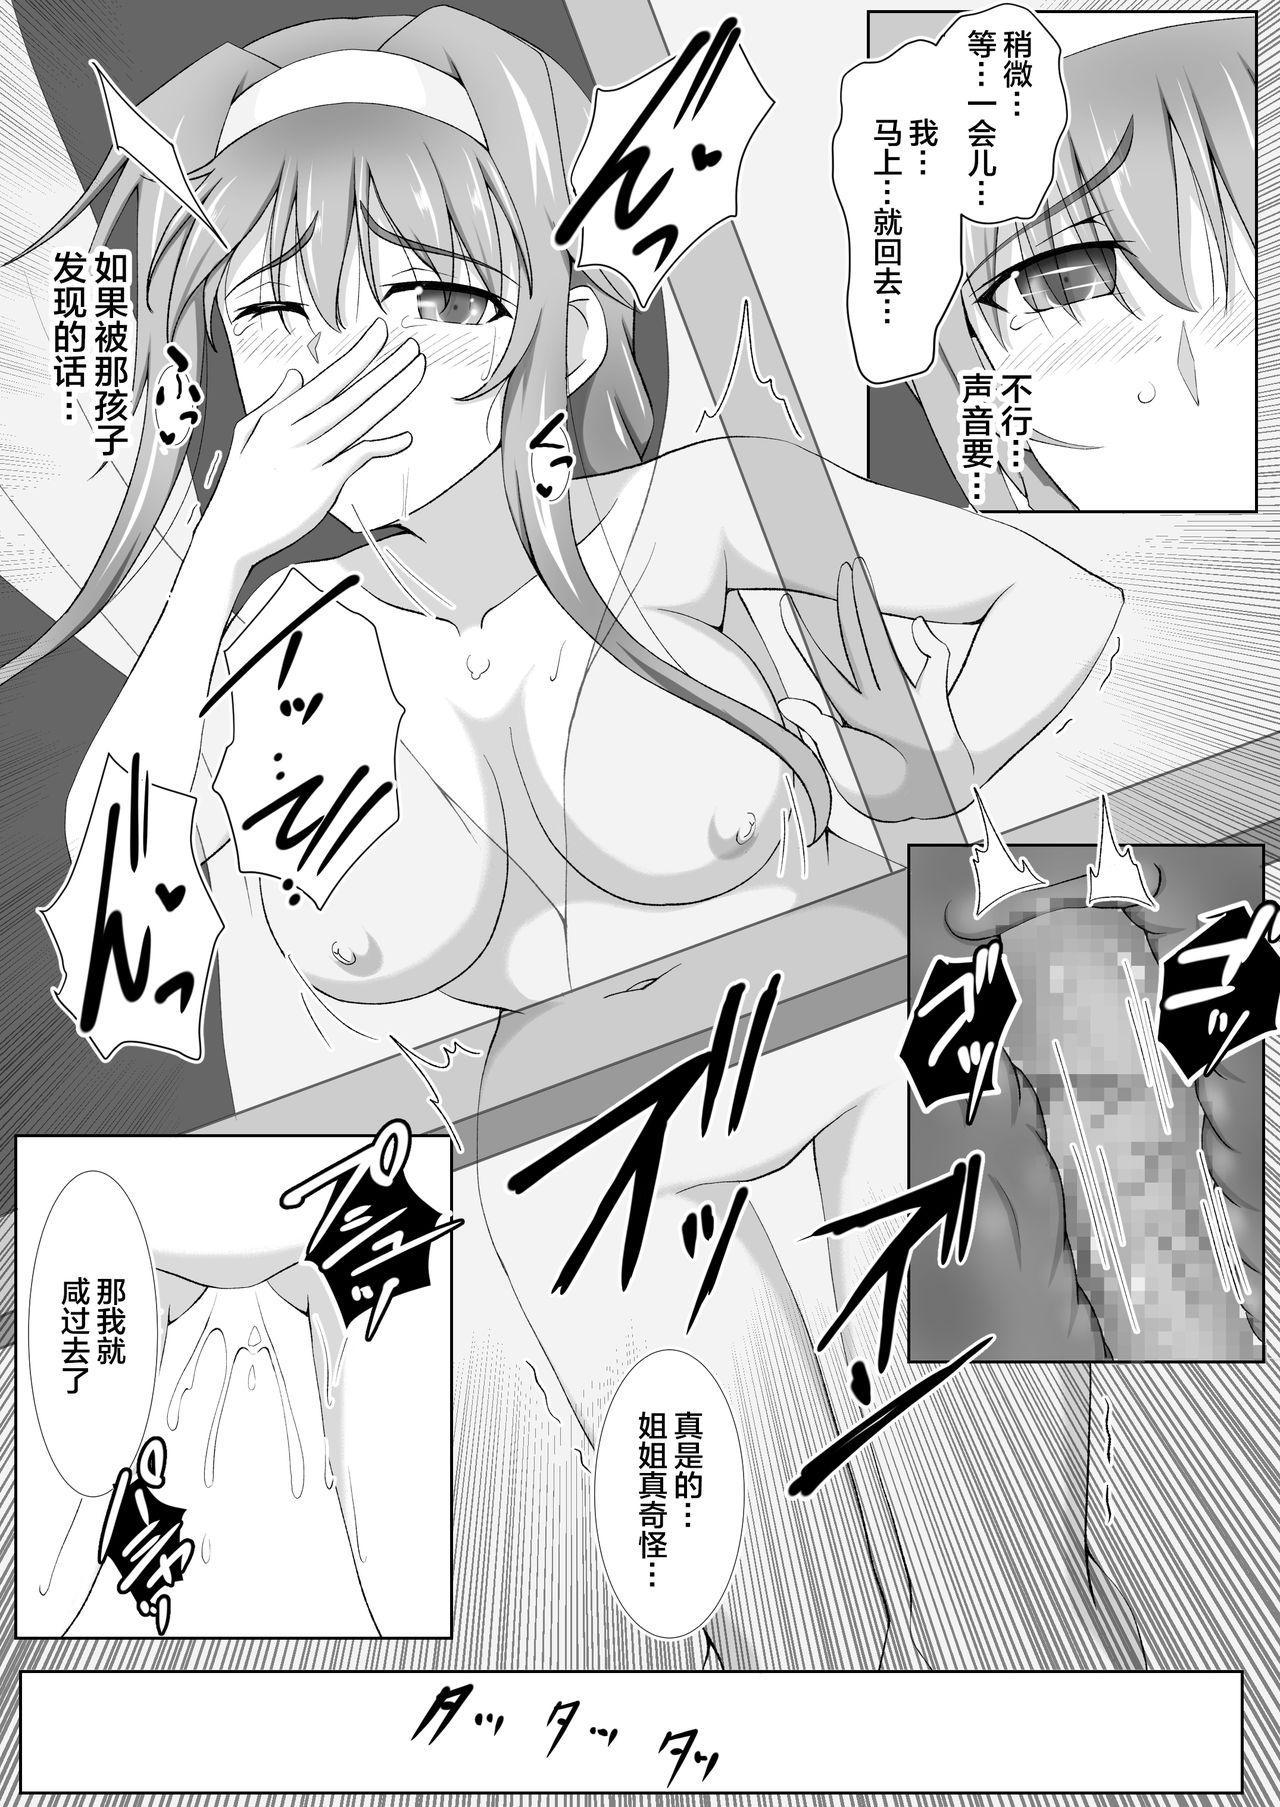 Zainin no Tenshoku 18